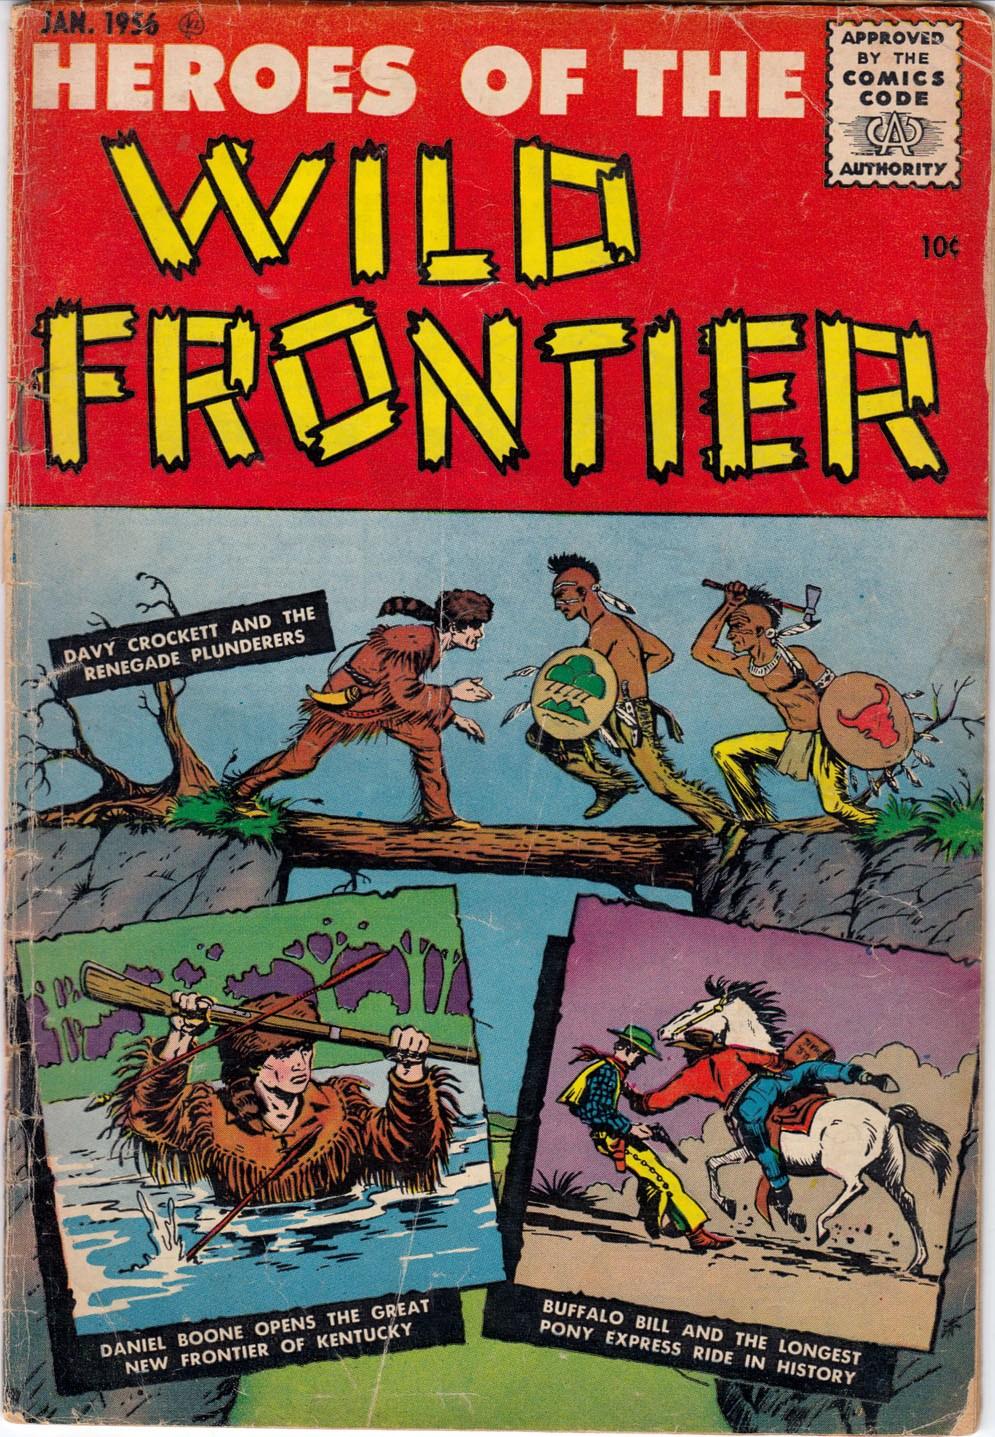 Heroes of the Wild Frontier Vol 1 27